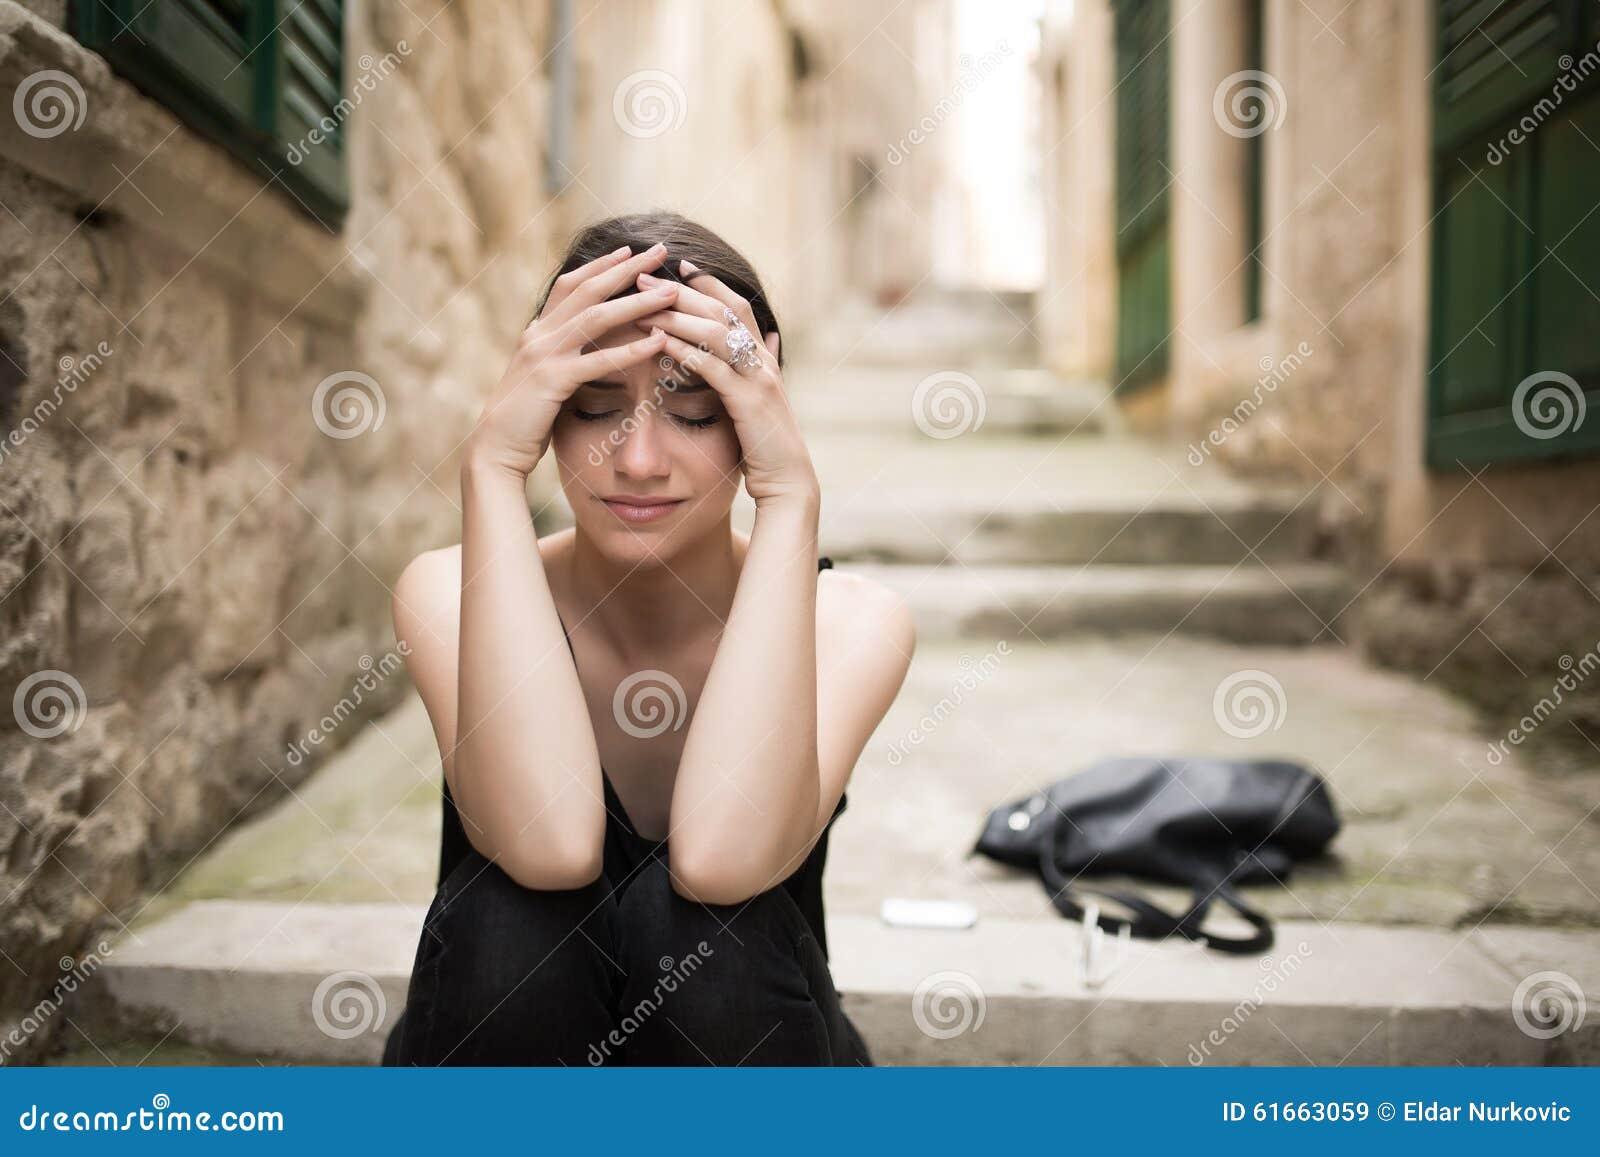 Девушка сидит на лицо фото 531-265